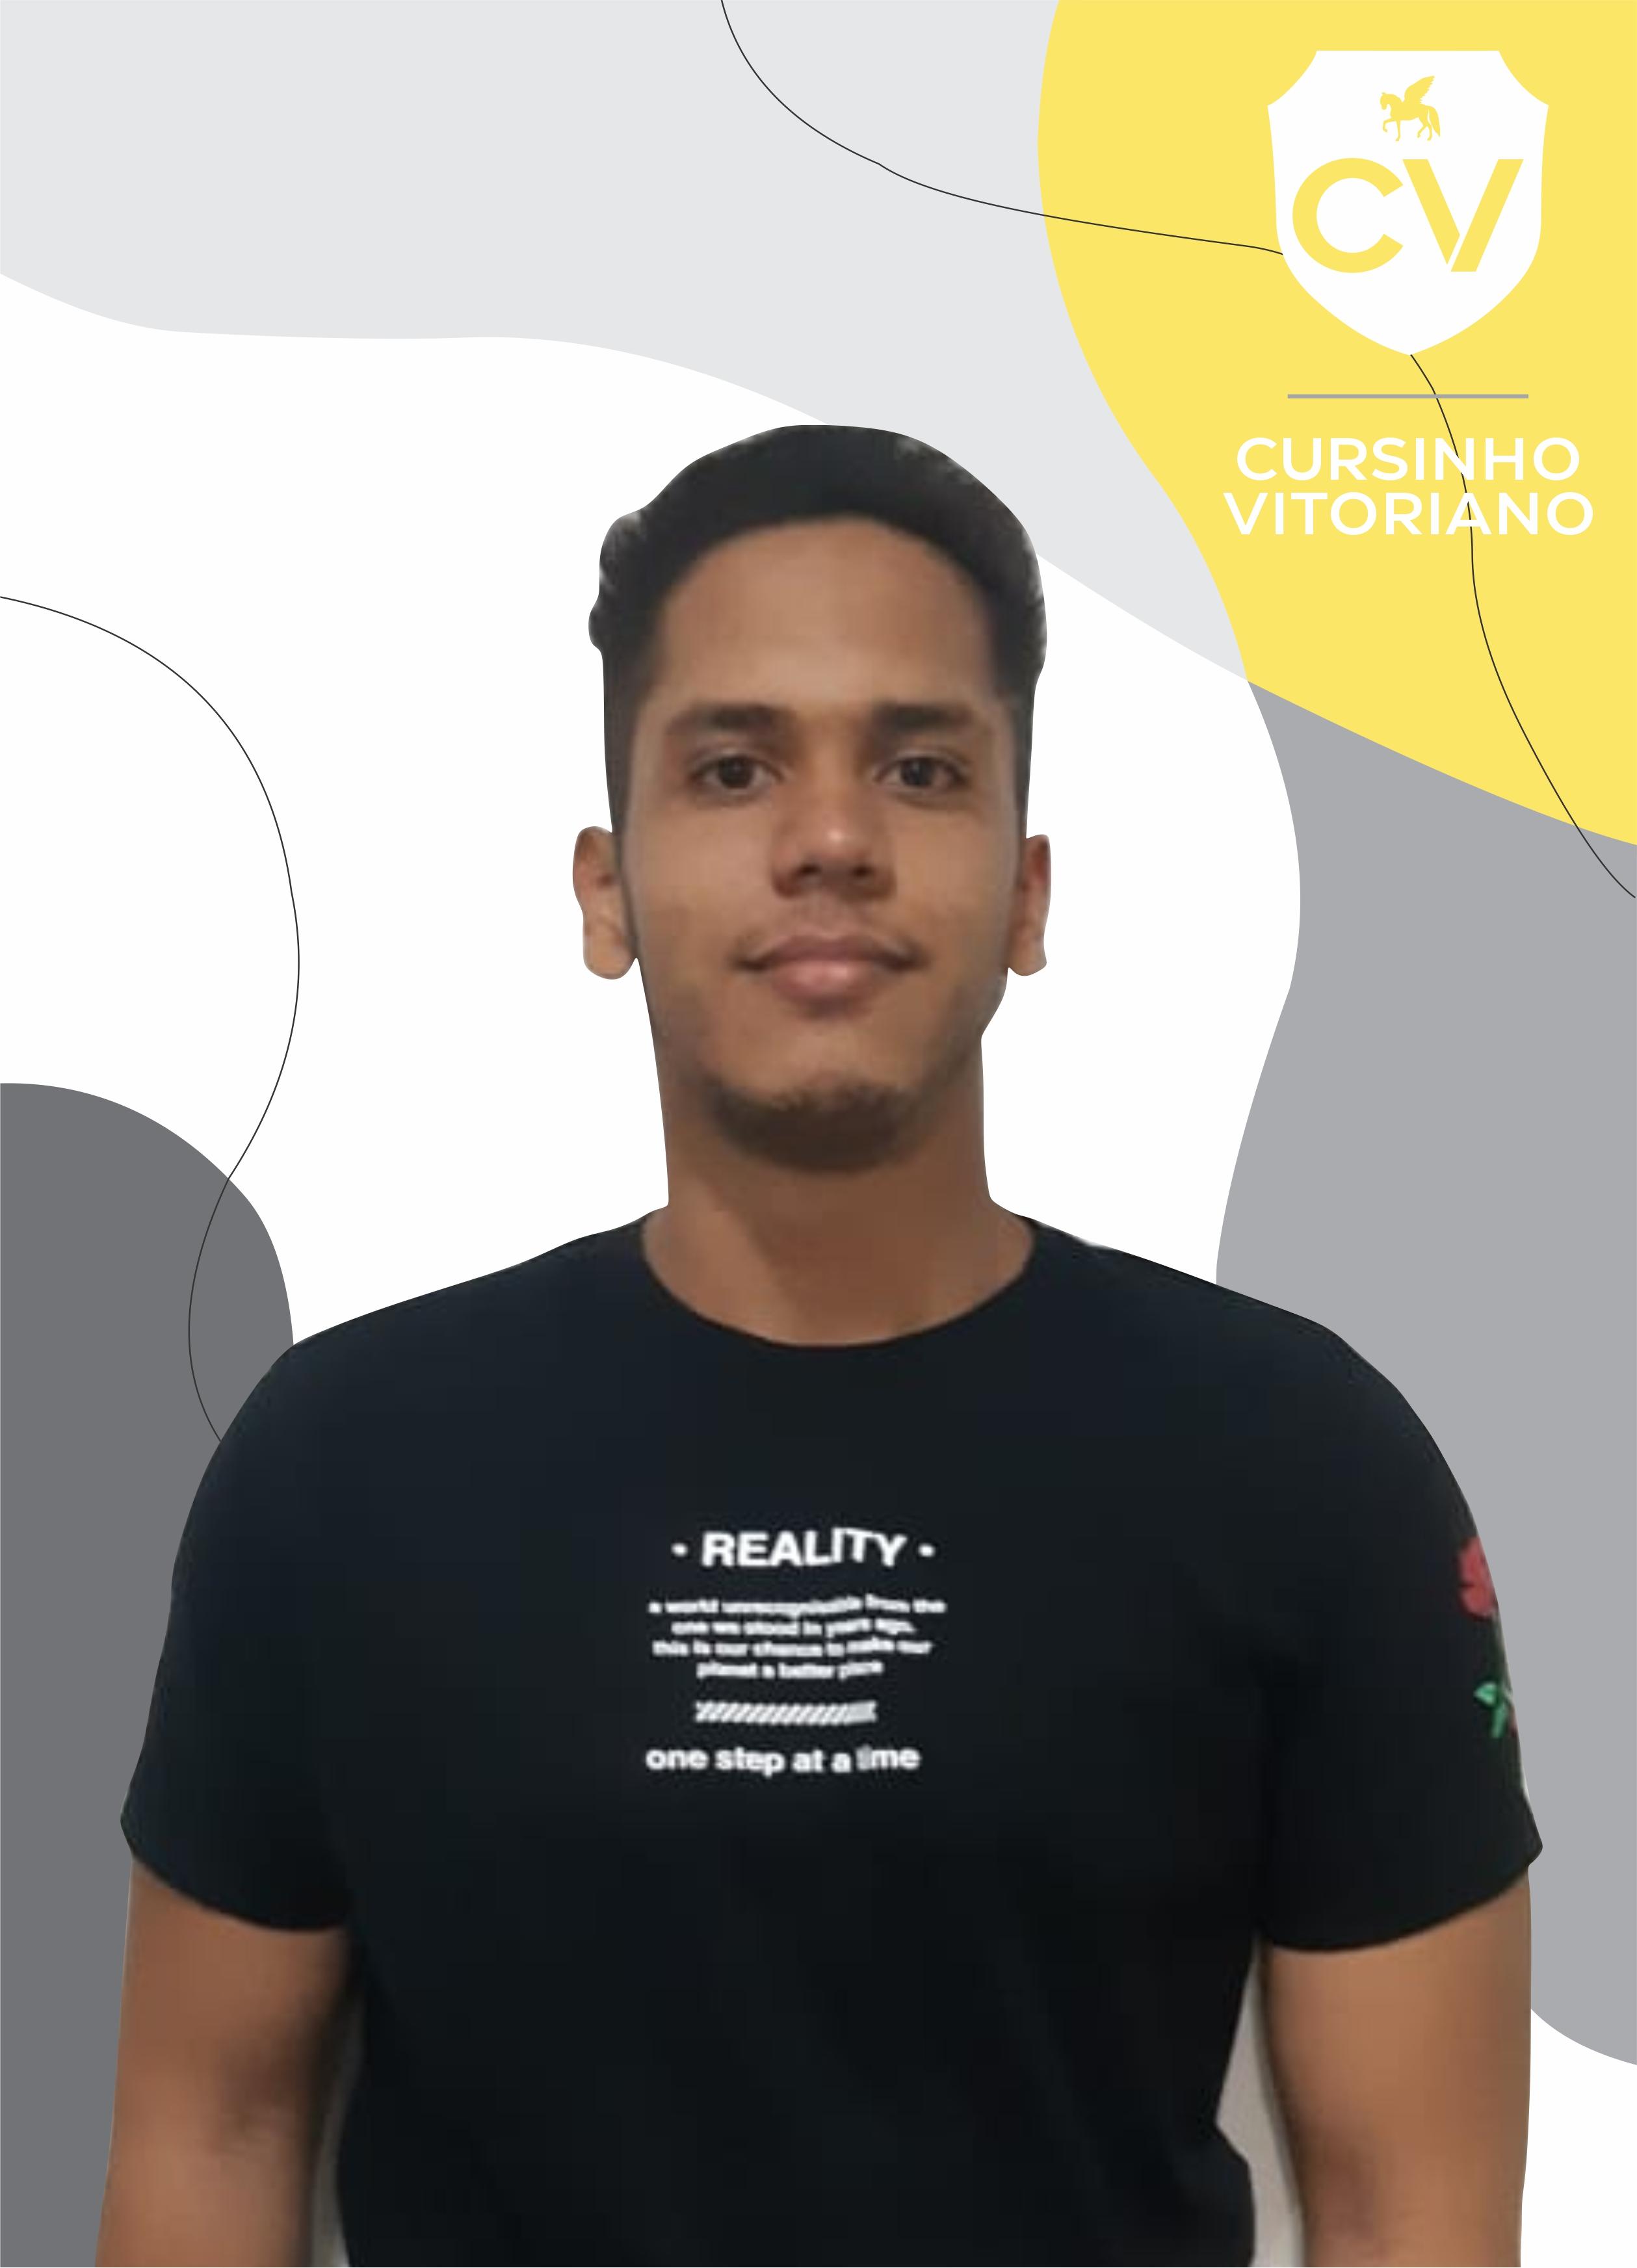 Heitor Menezes De Souza